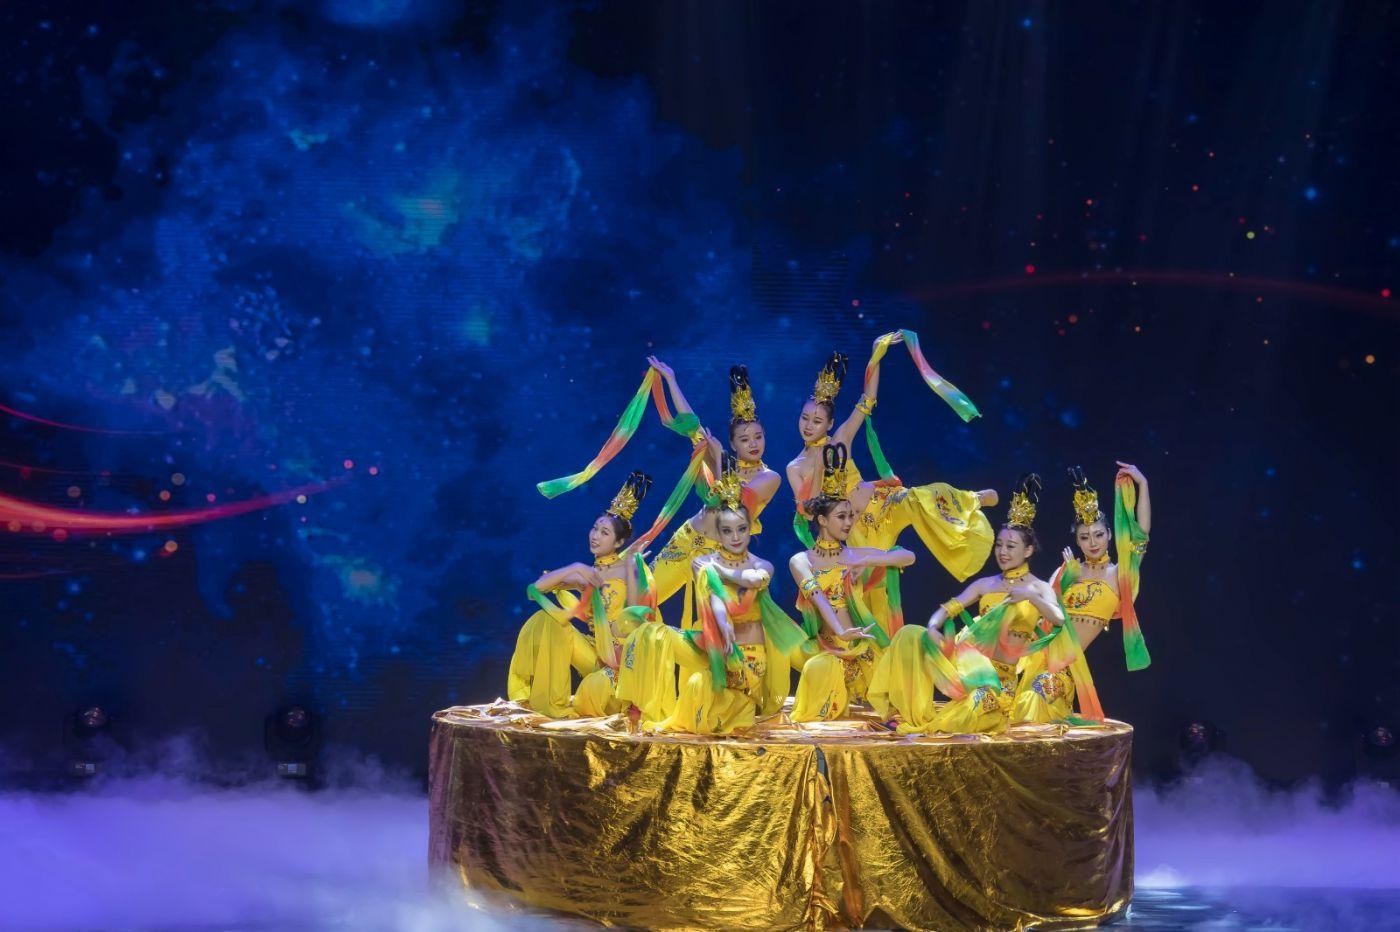 沂蒙大地上 有一种舞蹈叫飞天 这是几位临沂女孩的杰作 美轮美奂 ..._图1-36